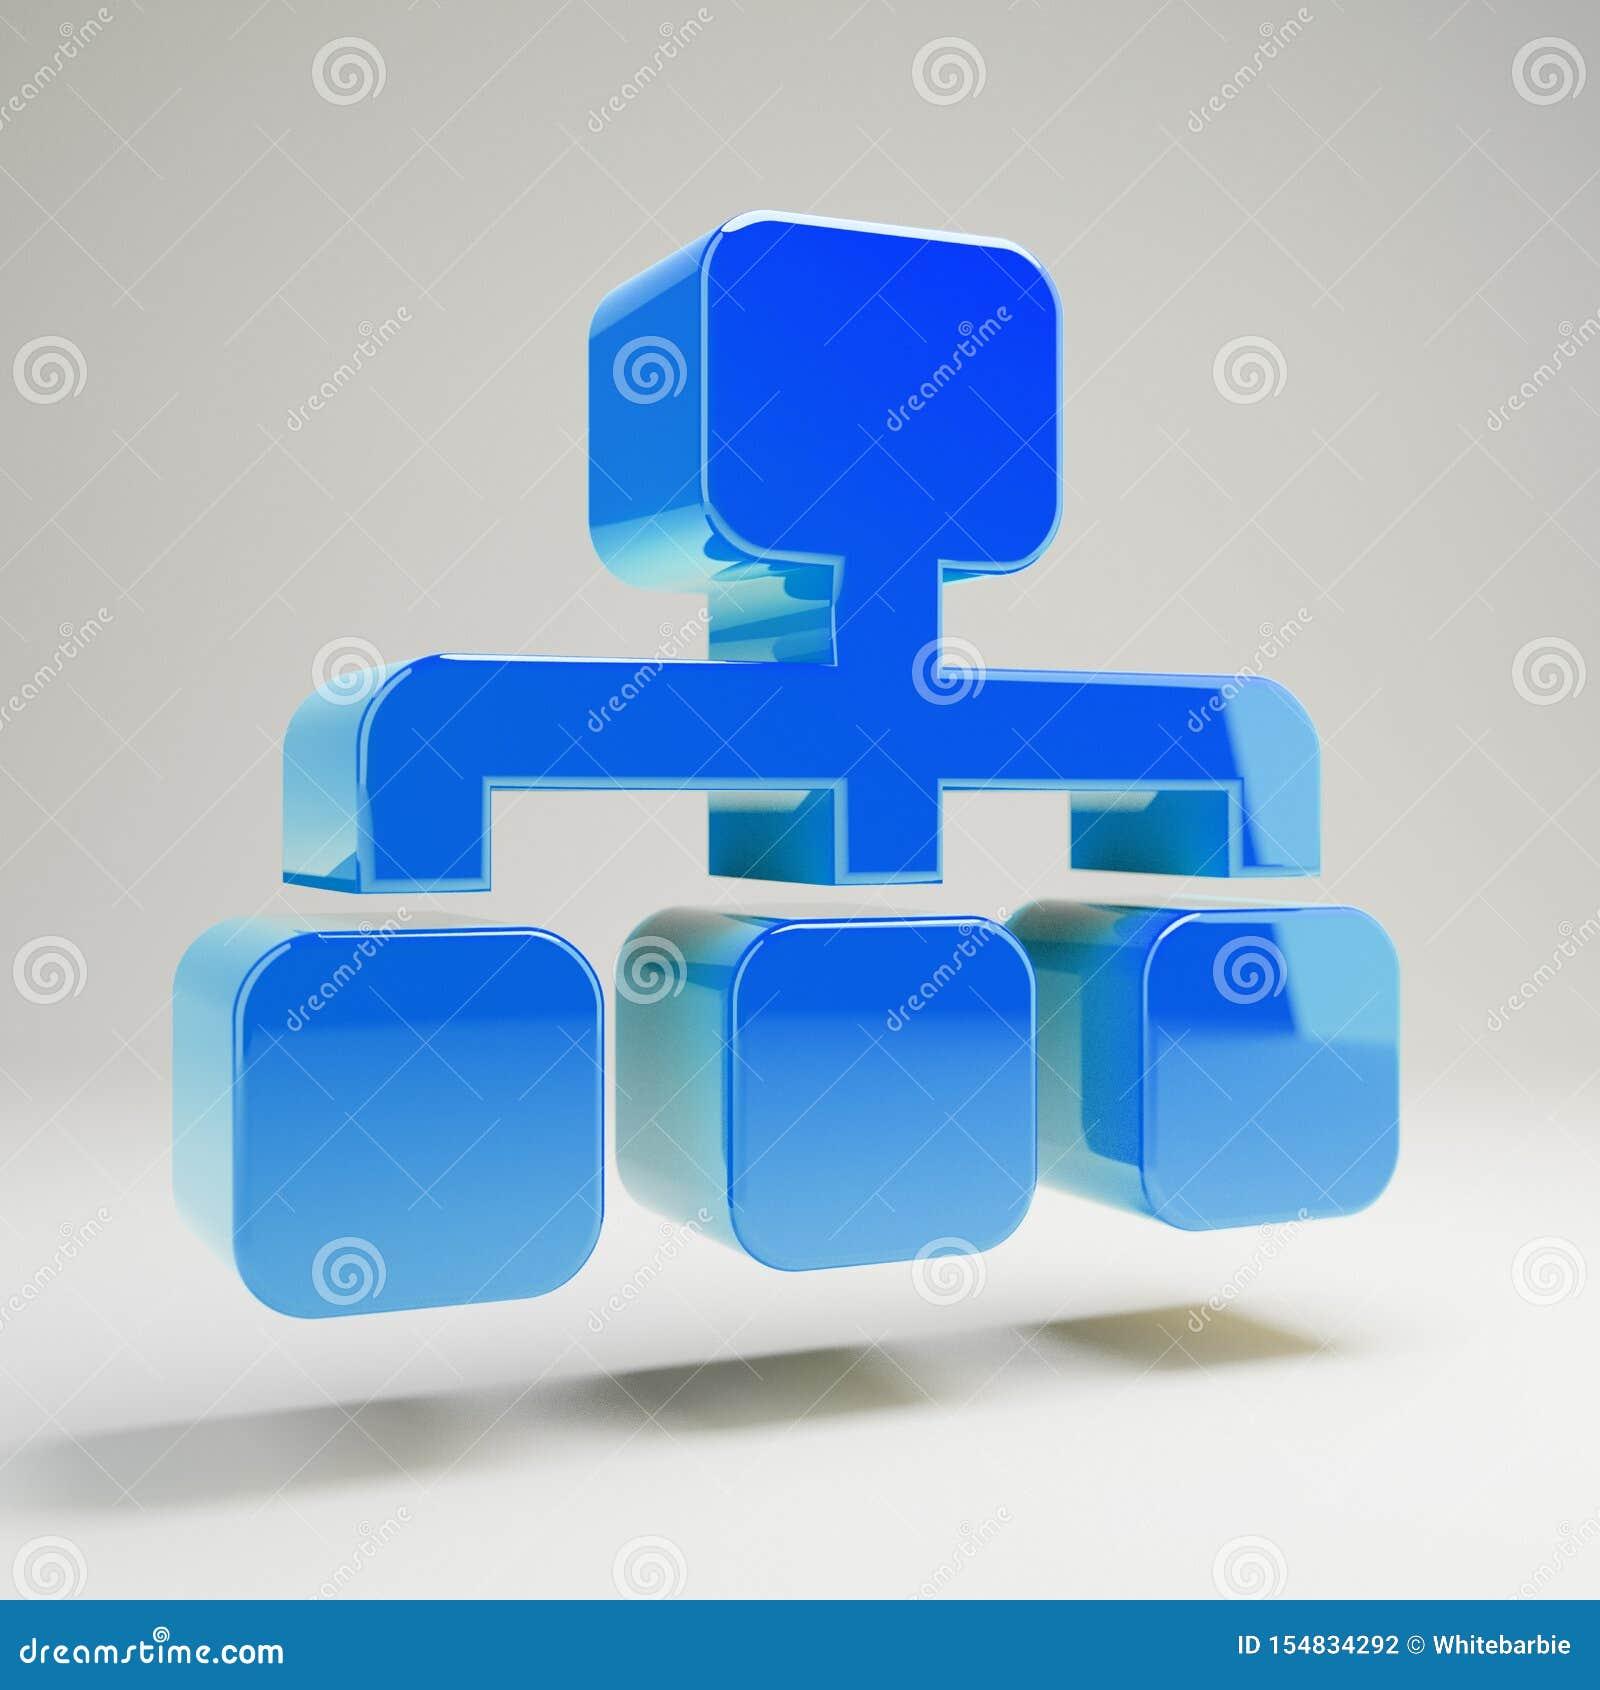 Volumetrische glatte blaue Sitemap-Ikone lokalisiert auf weißem Hintergrund